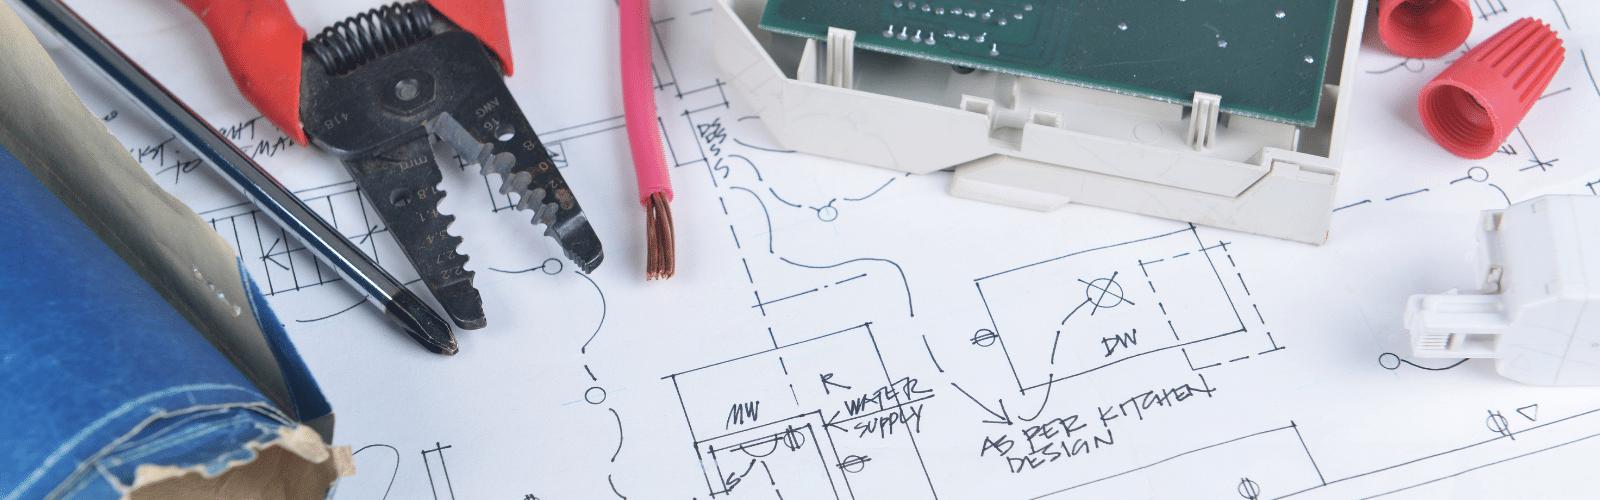 Elektriciteitswerken nieuwbouw en verbouwingen